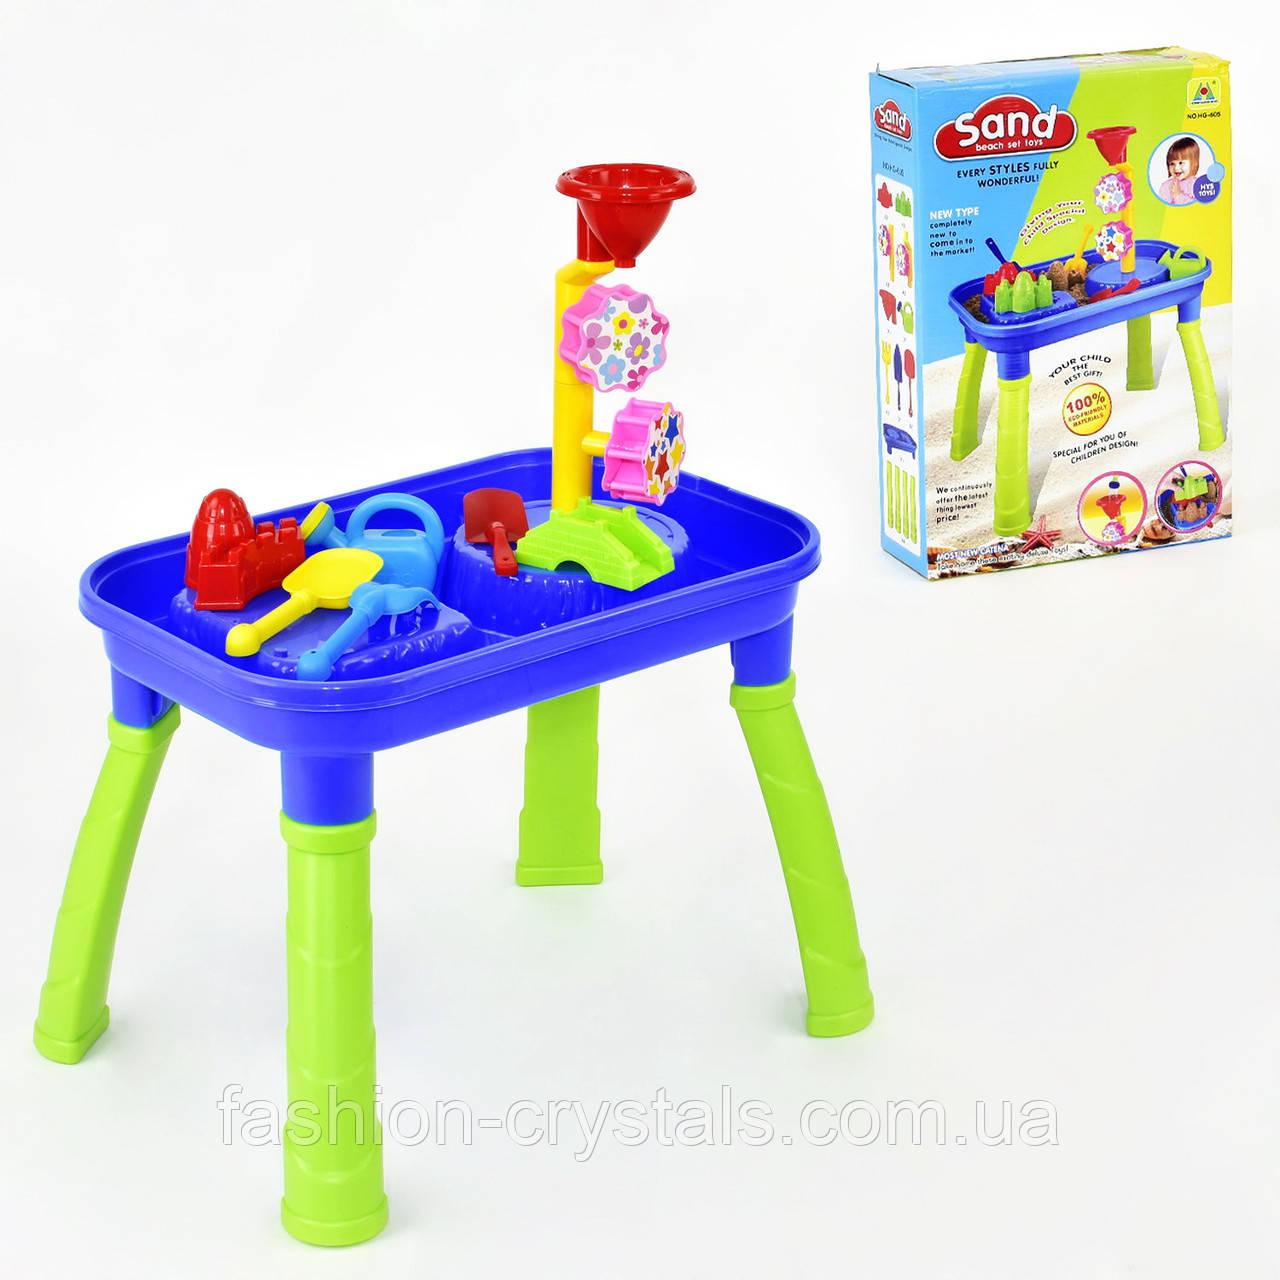 Столик песочница для игр с песком и водой HG 605